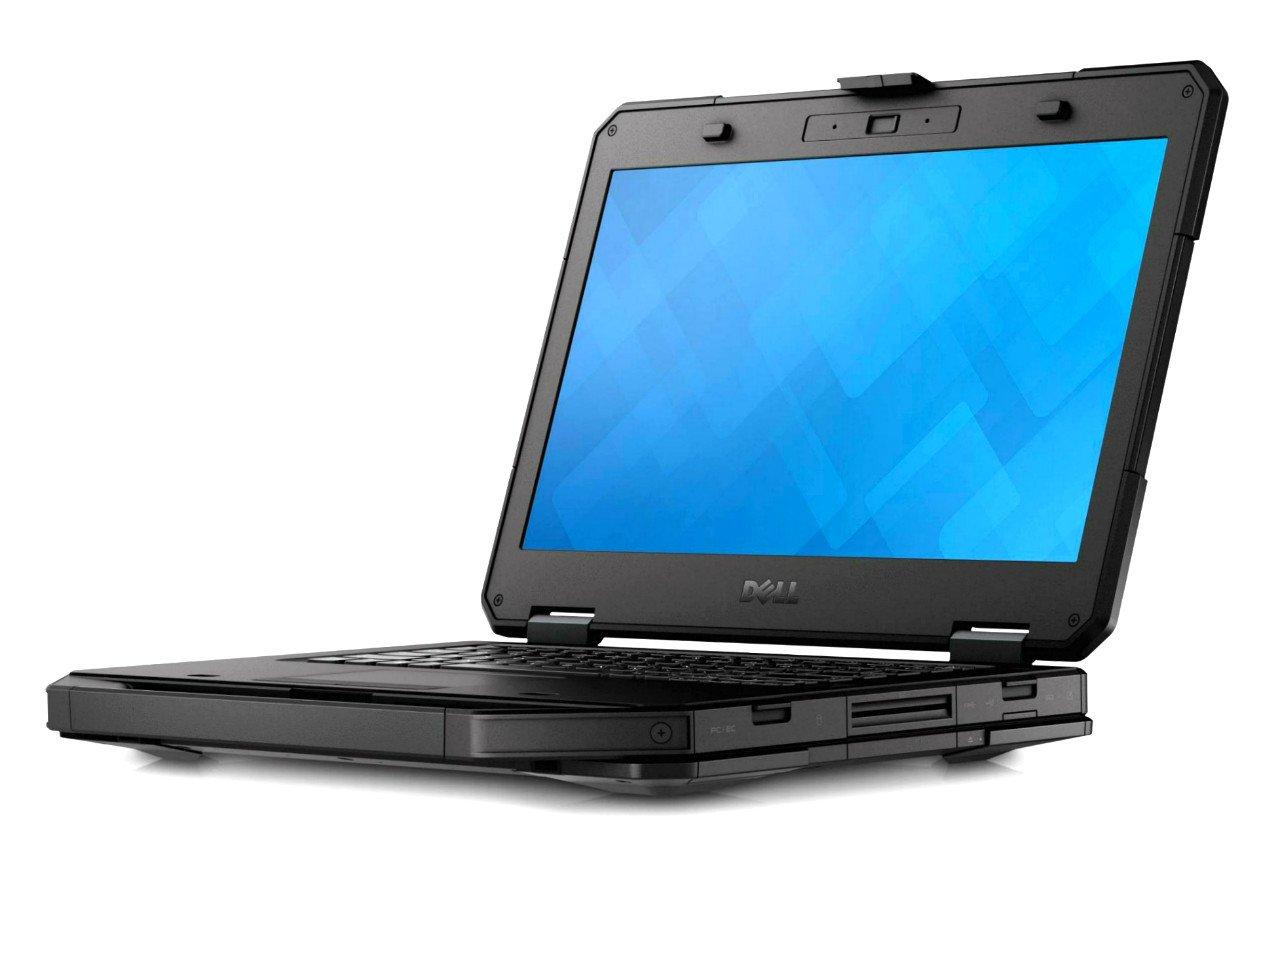 مزاياي لپ تاپ هاي صنعتي چيست (rugged)